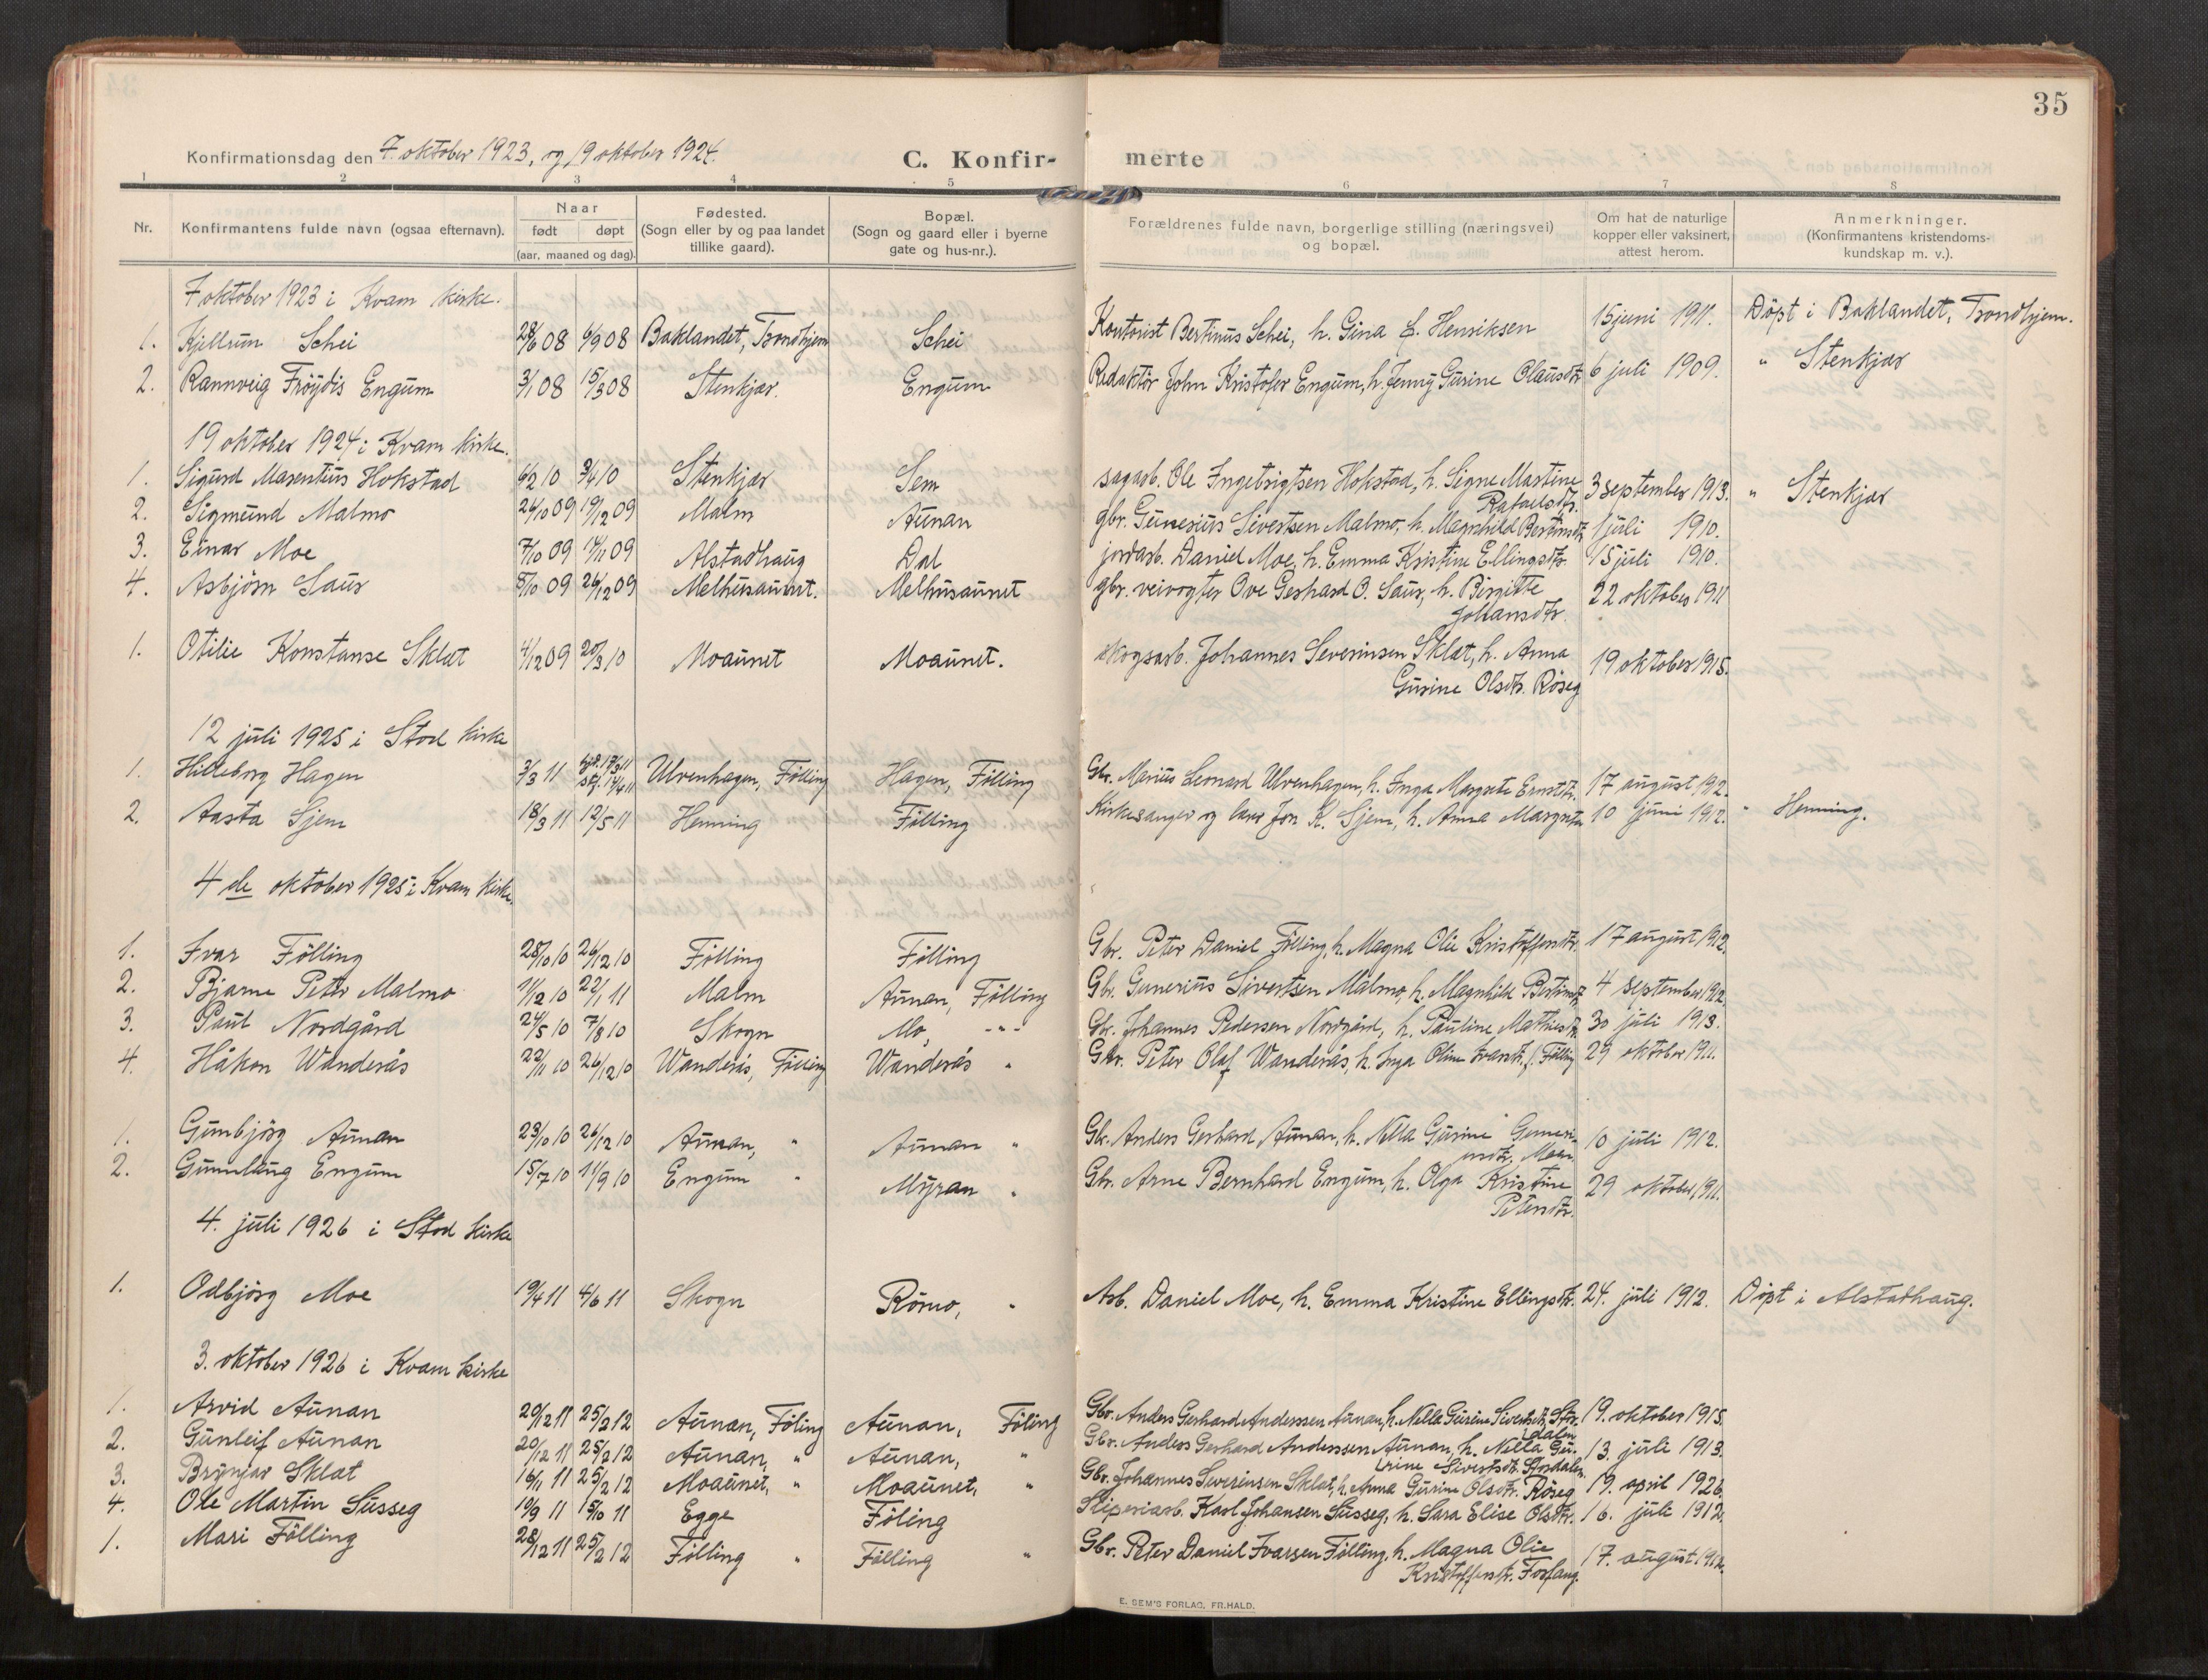 SAT, Stod sokneprestkontor, I/I1/I1a/L0003: Parish register (official) no. 3, 1909-1934, p. 35